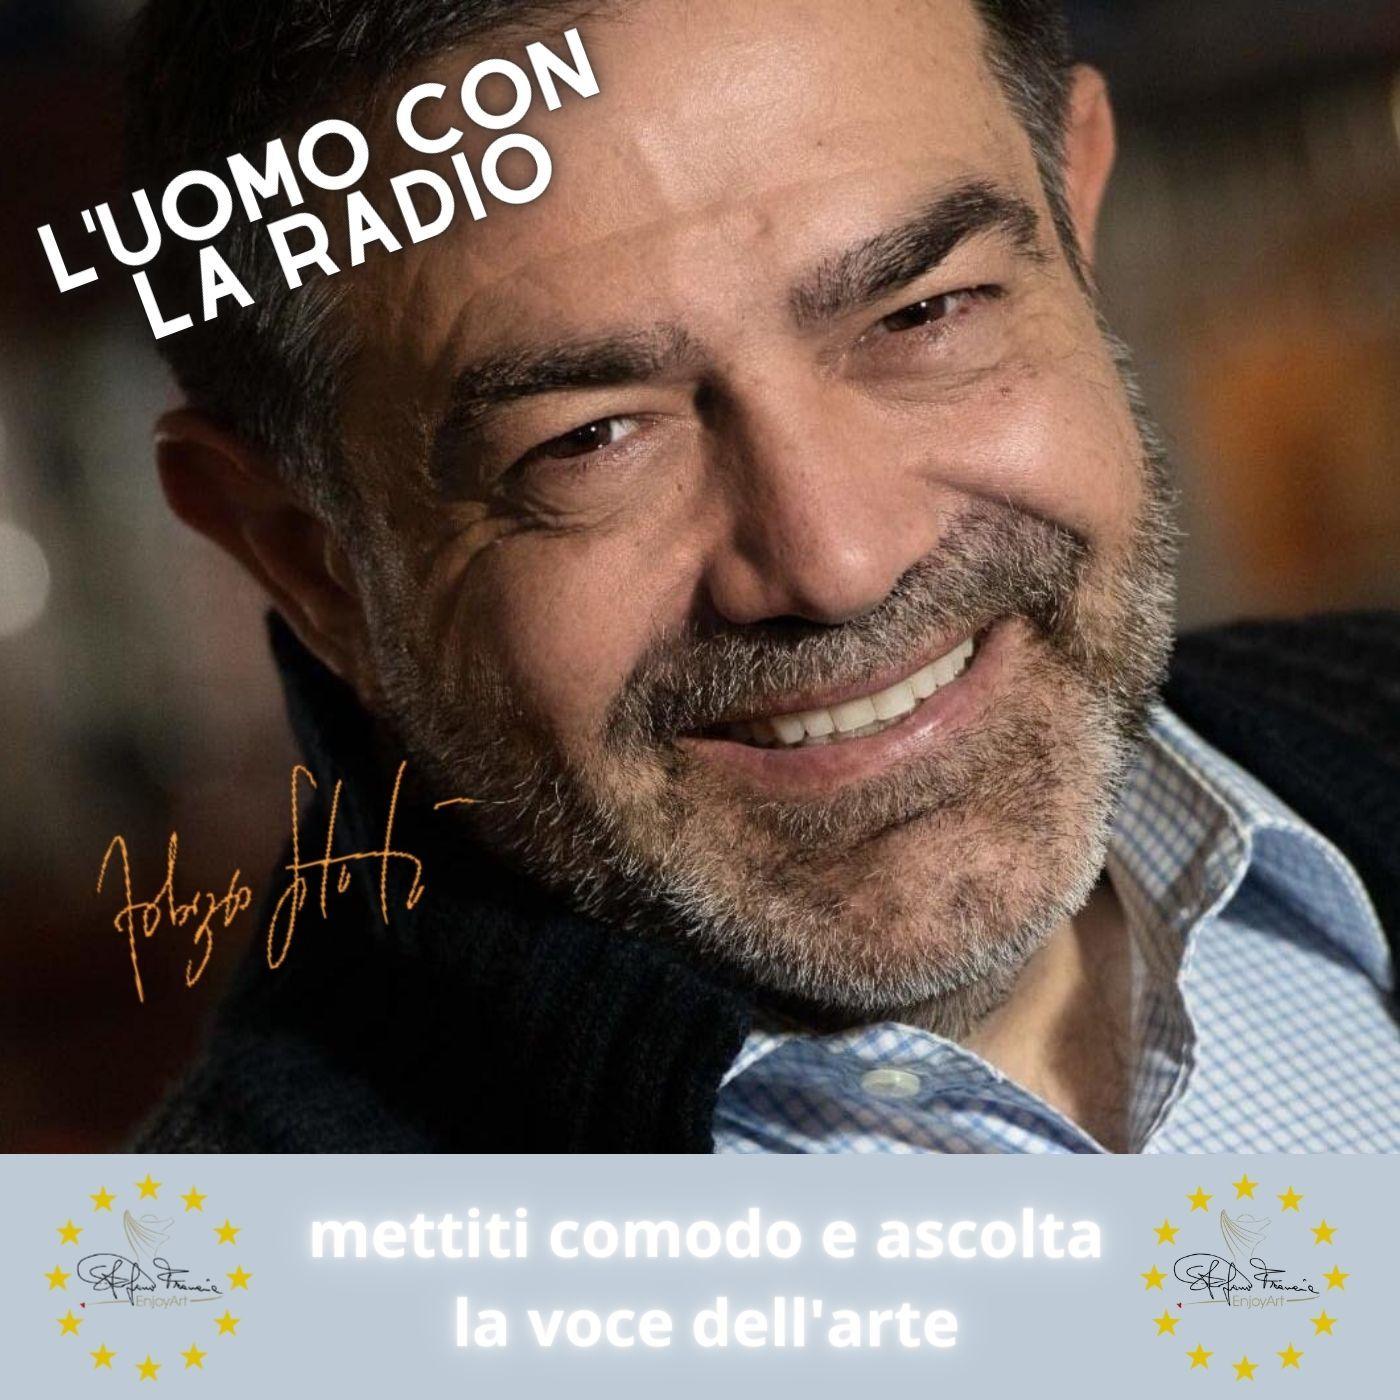 L'Uomo con la Radio di FabrizioSilvestri